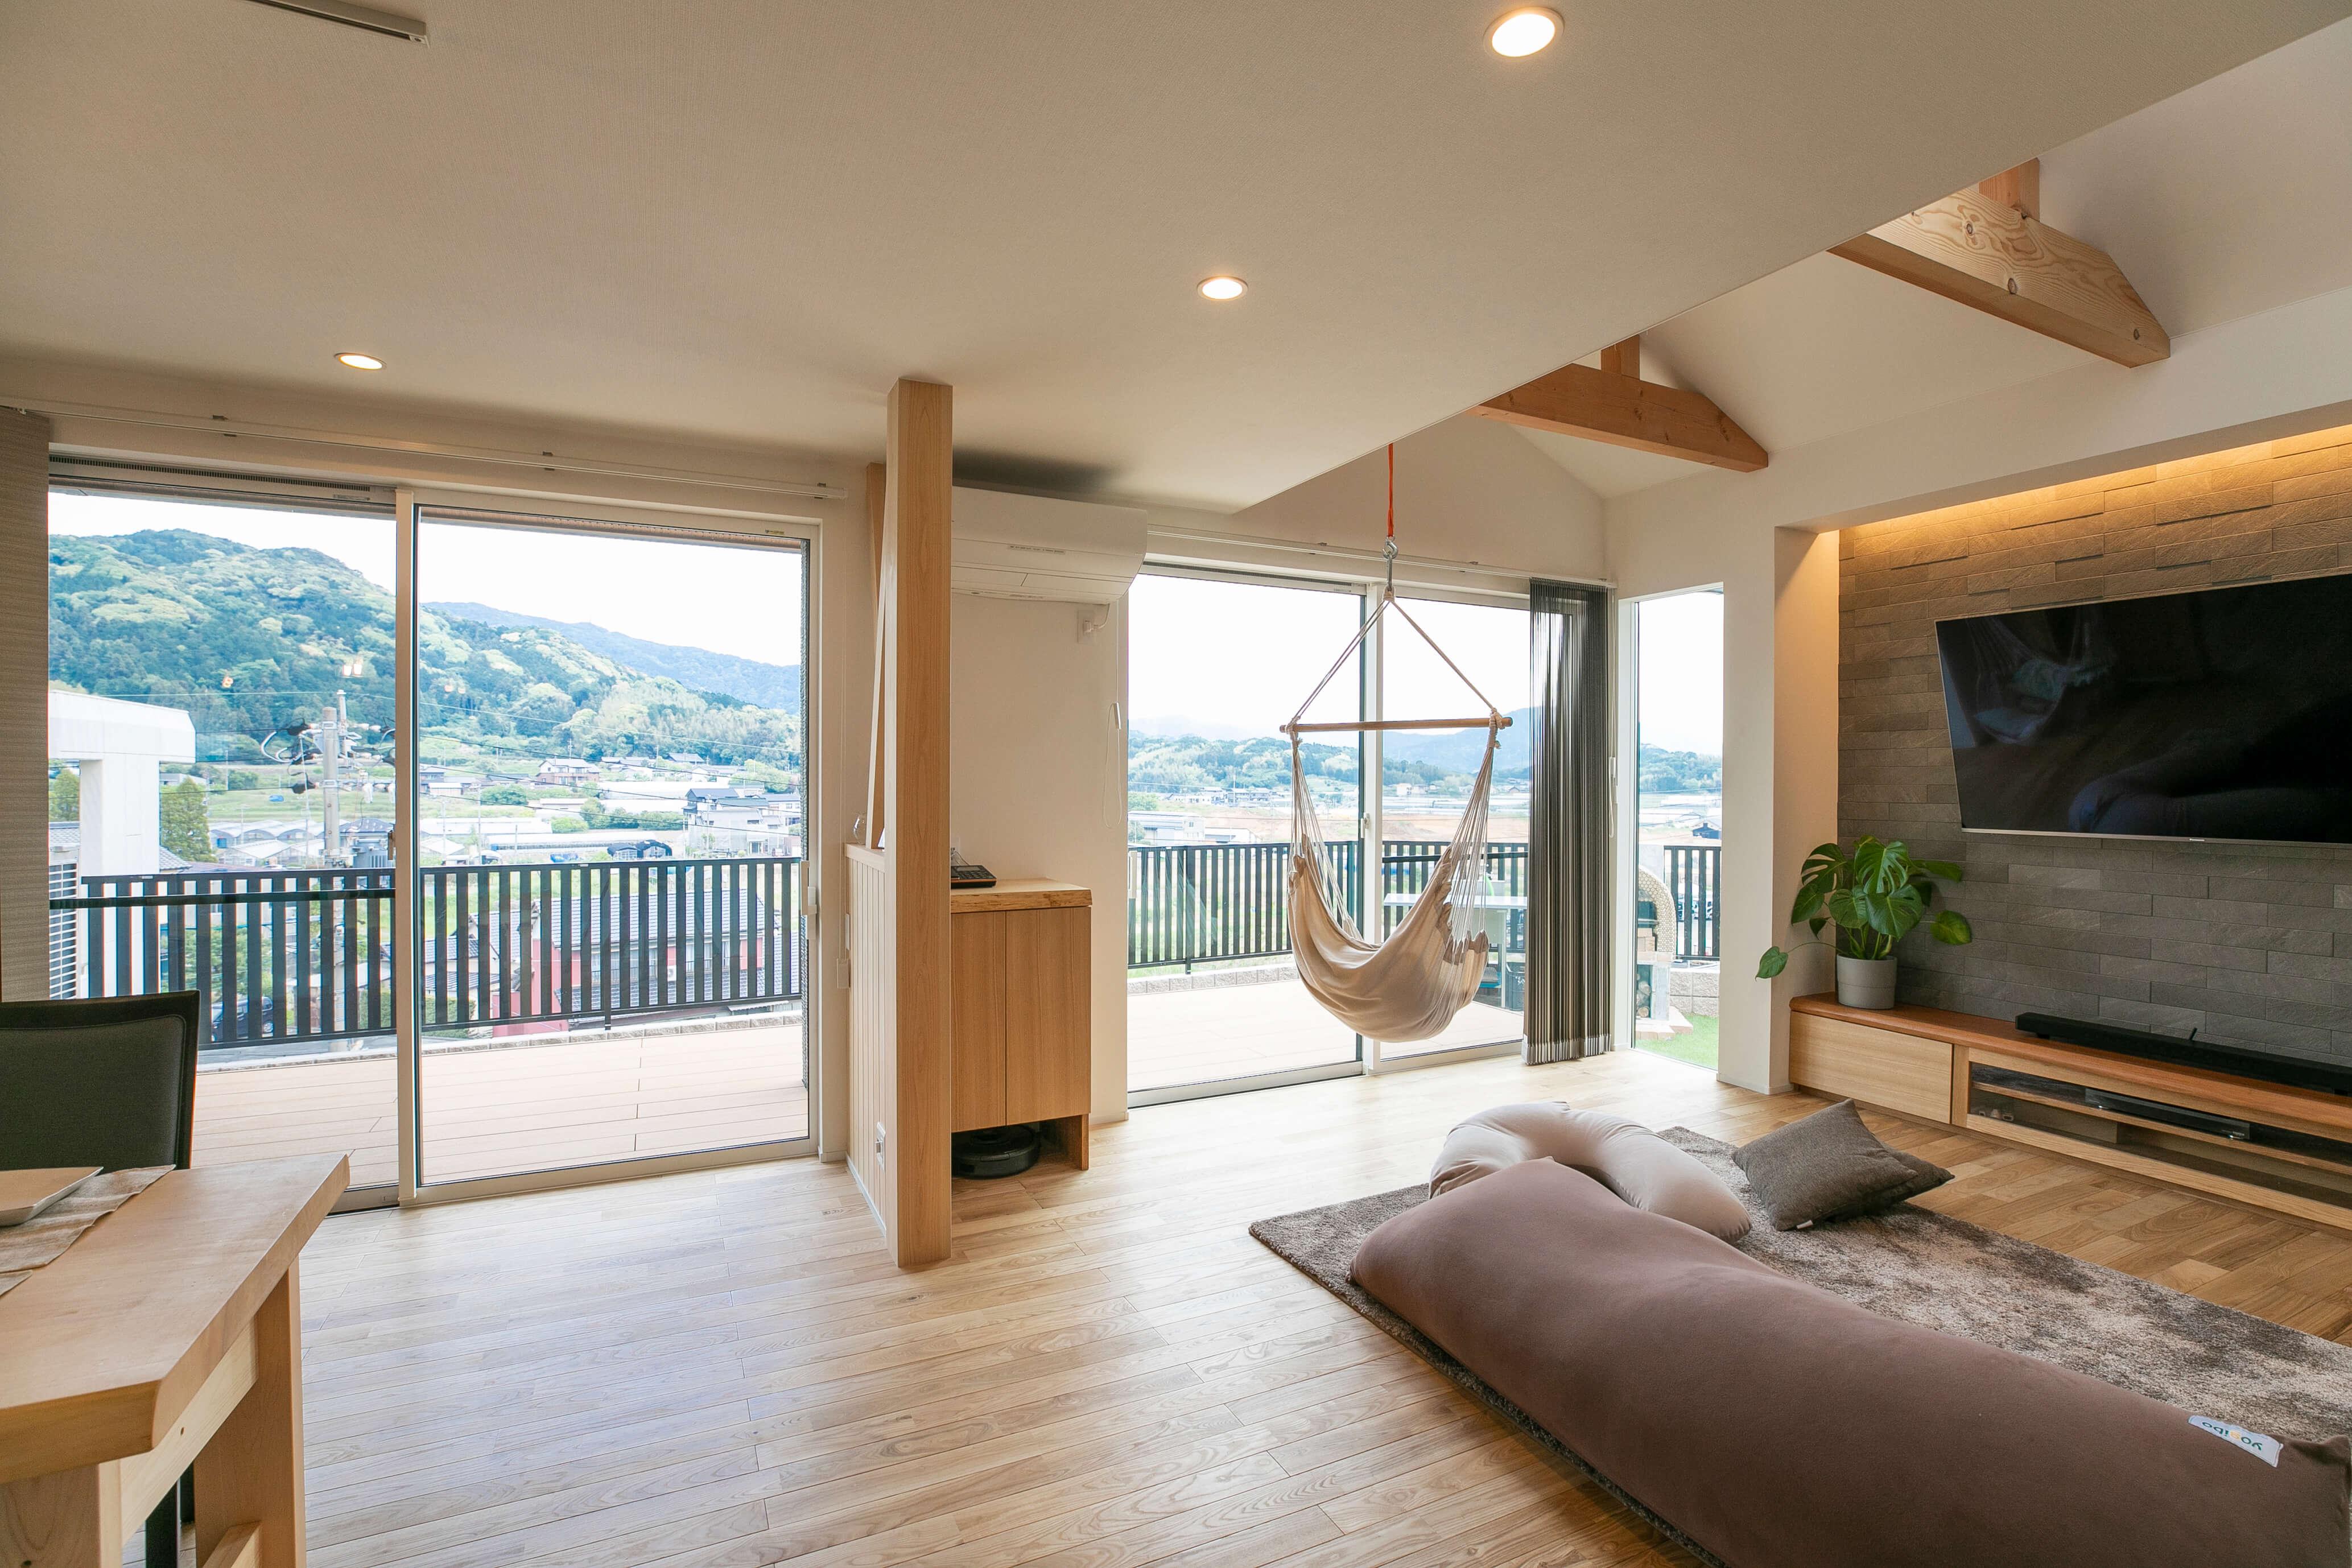 注文住宅|安水建設|愛知県安城市を中心に三河エリアの木造注文住宅・リフォーム安水=木→ぬくもり・癒し